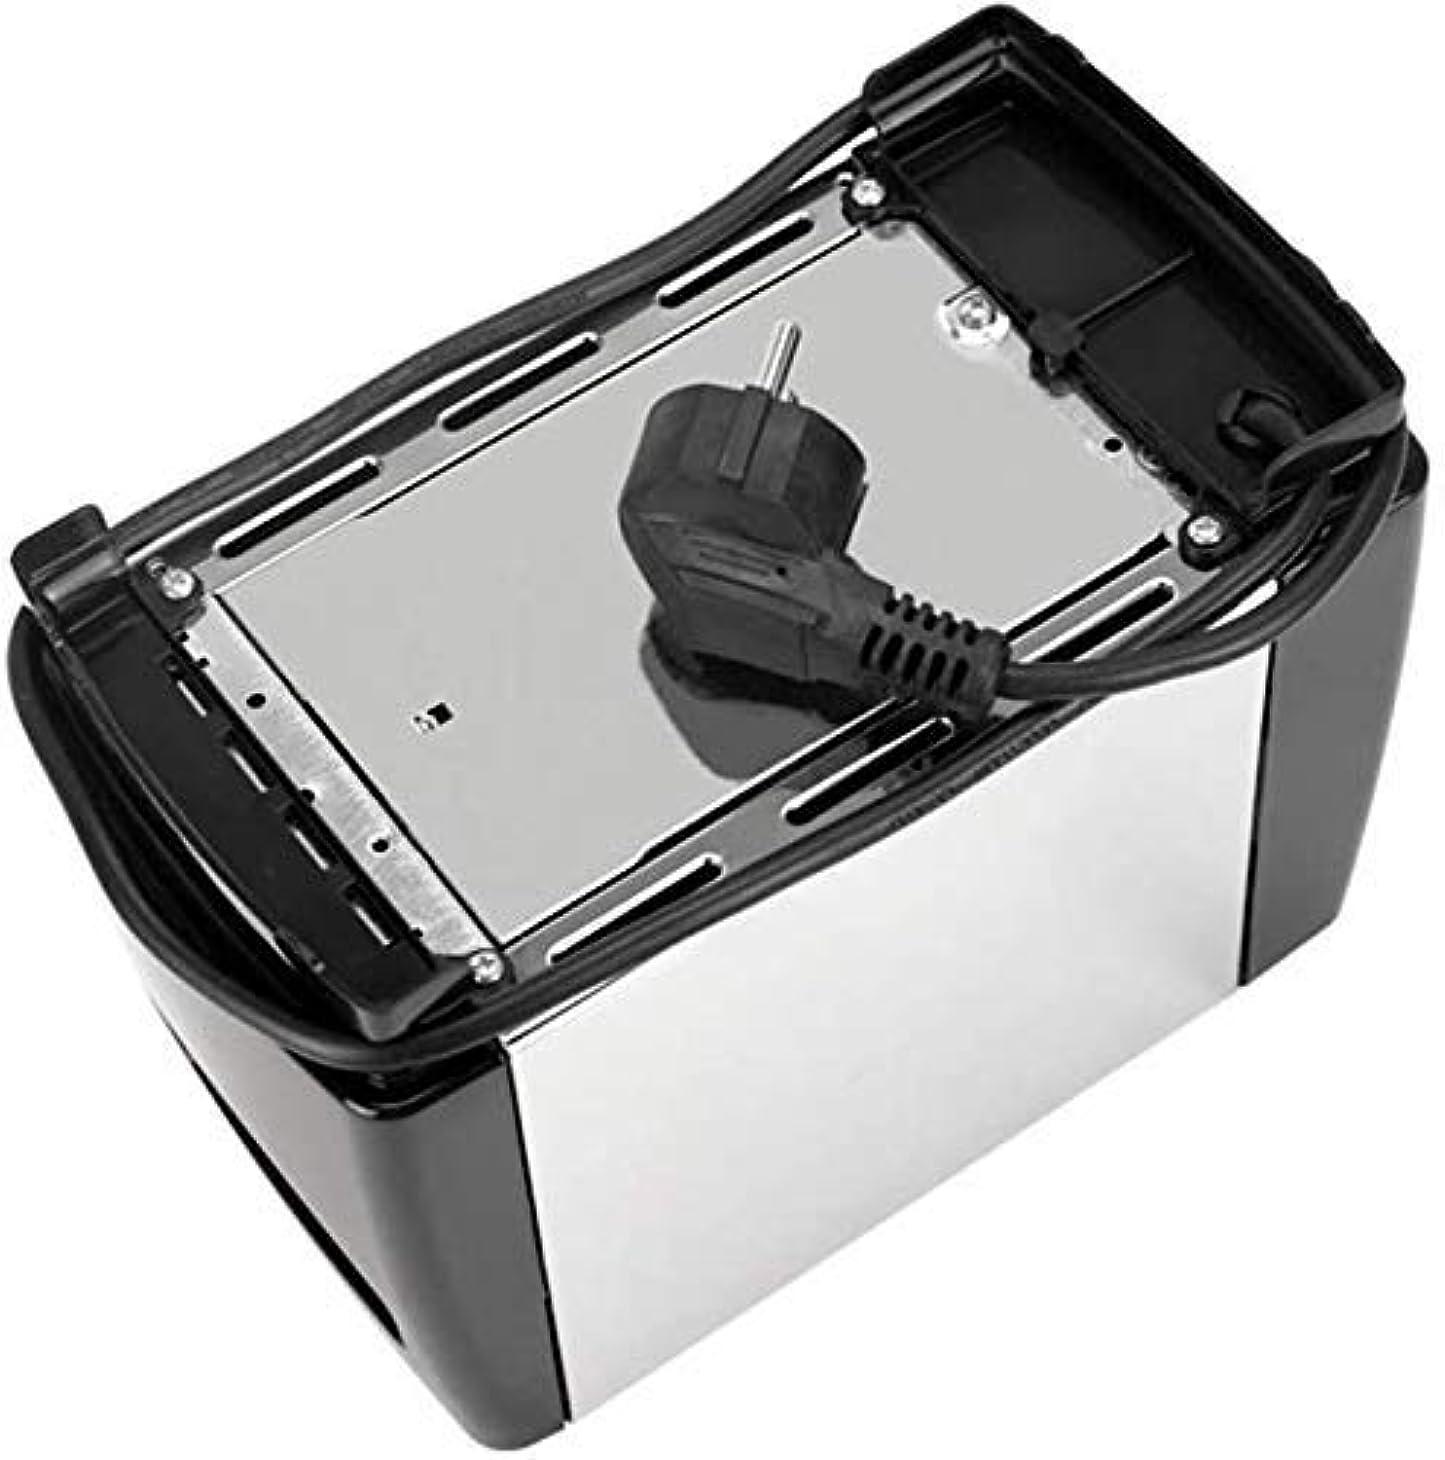 能力メダリスト細心の朝食機自動使いやすいトースターステンレス鋼トースターホーム